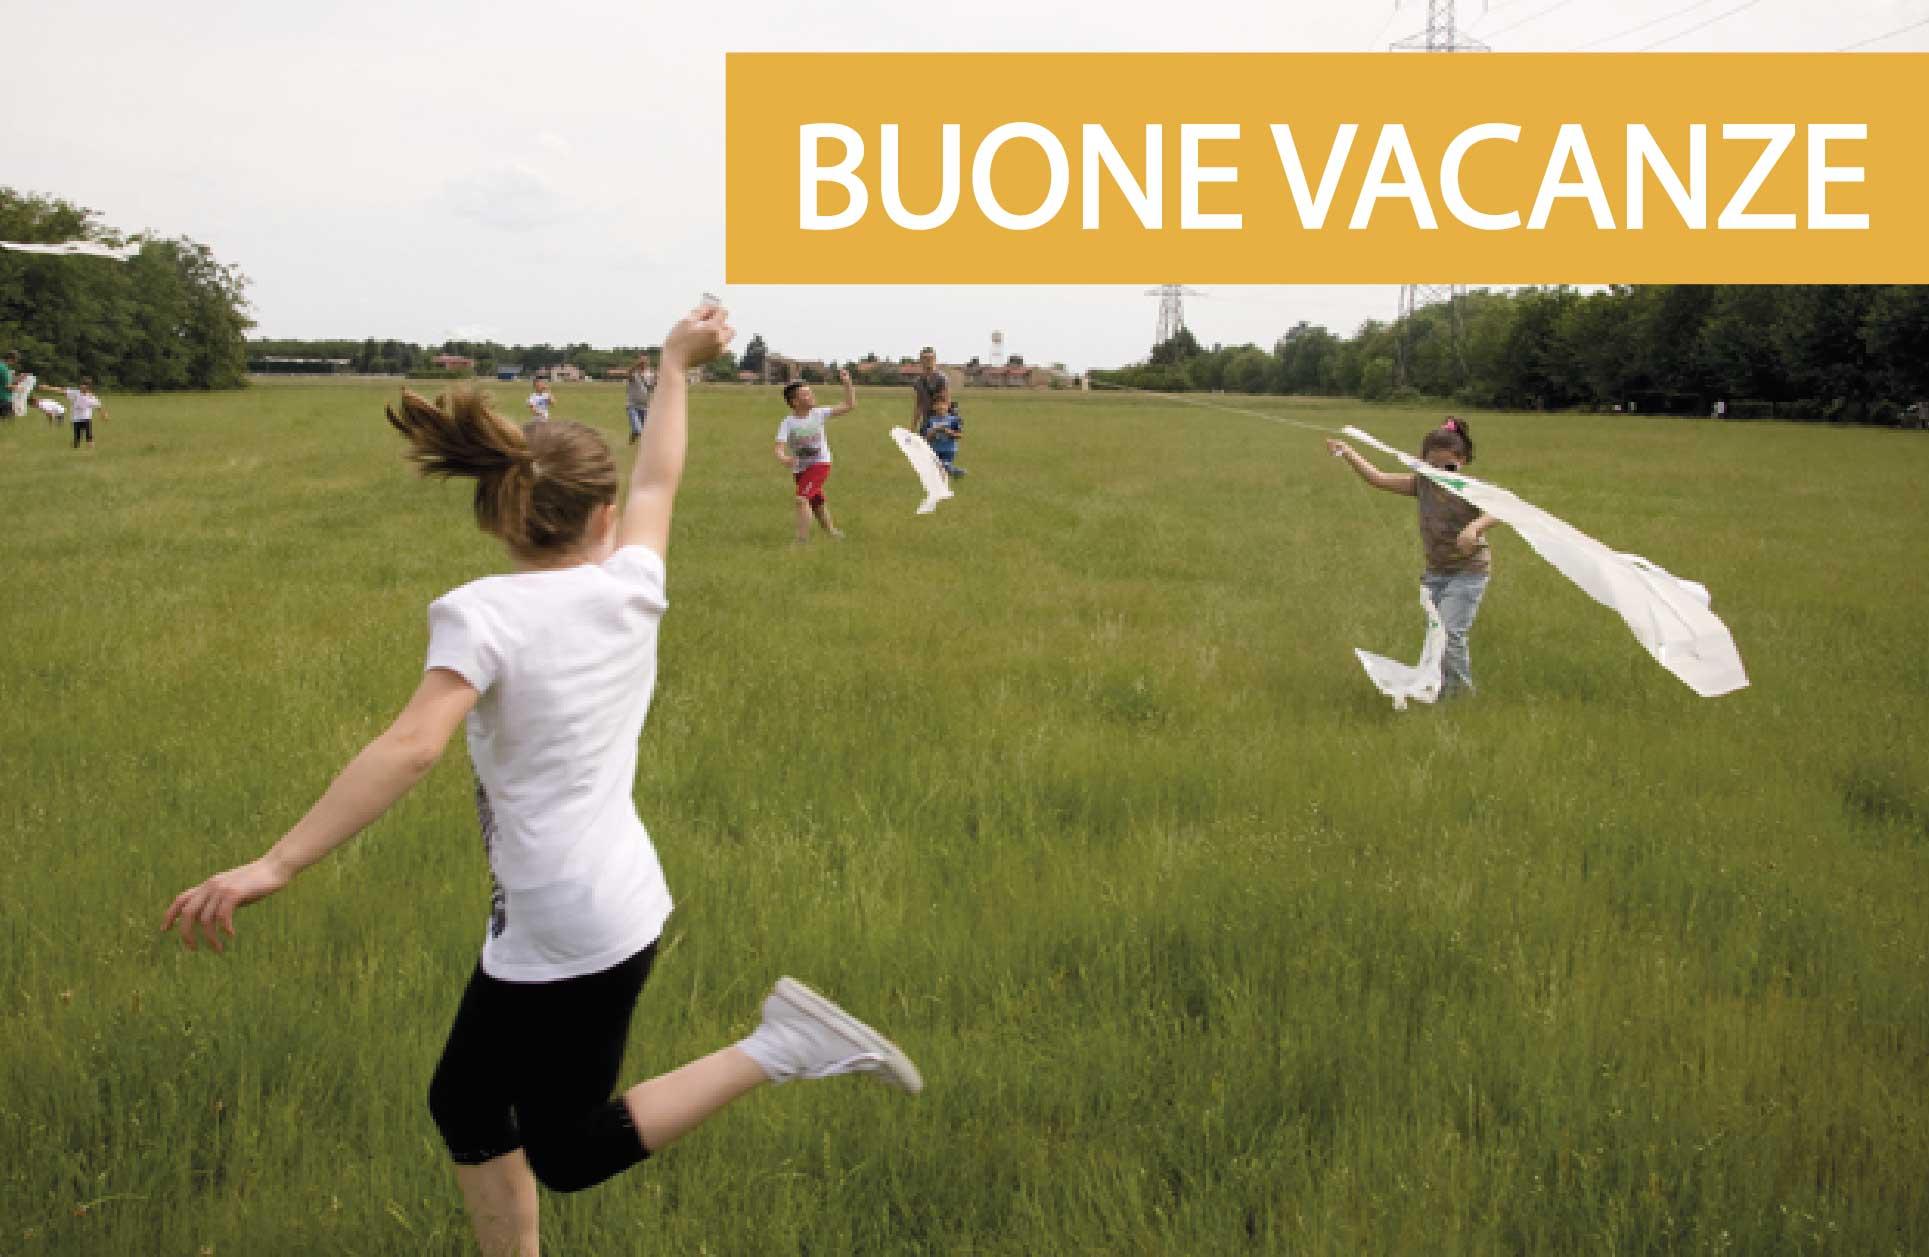 buone_vacanze-13-13